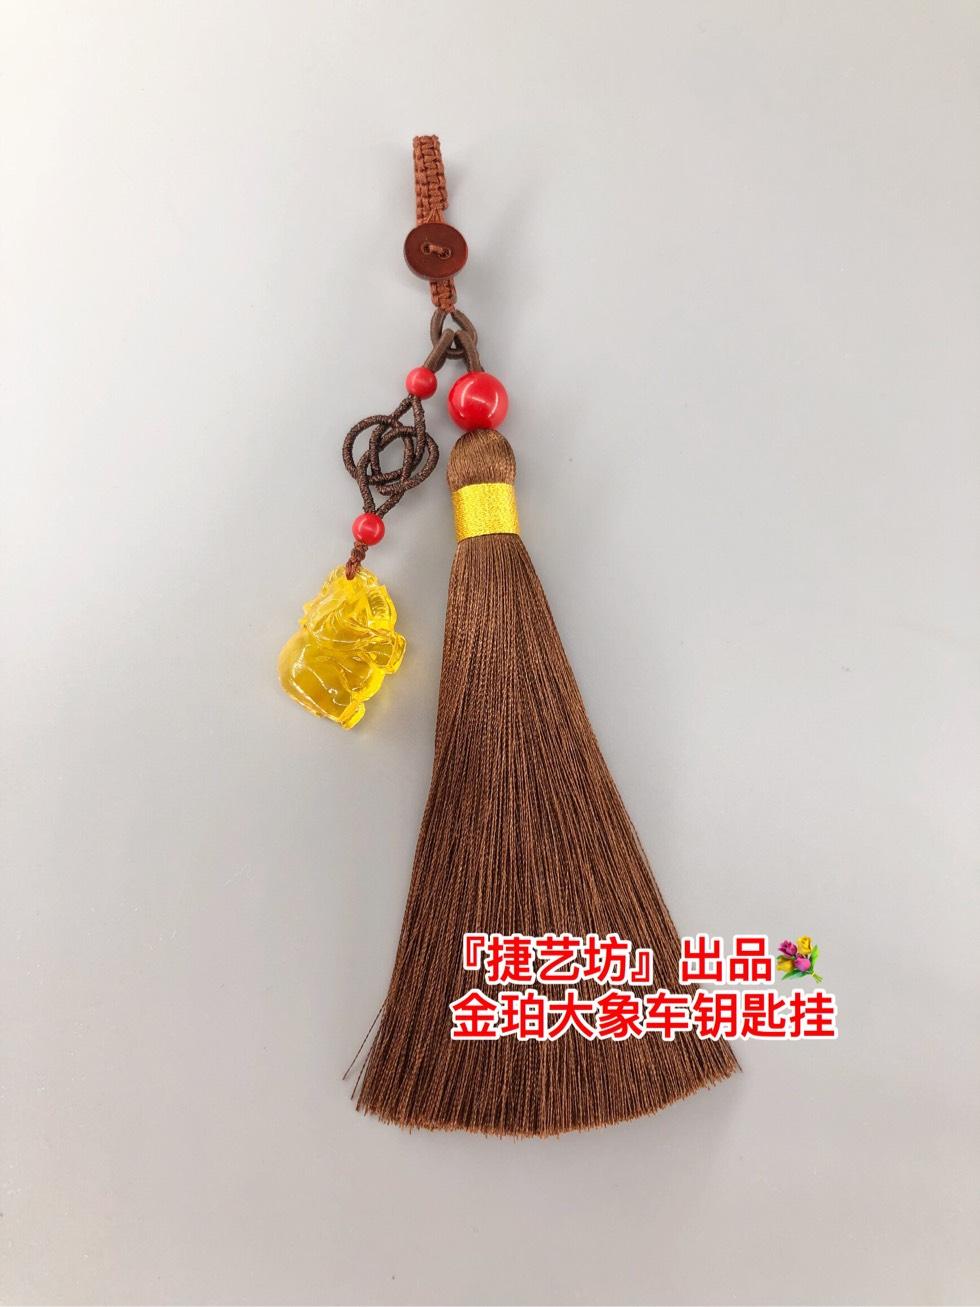 中国结论坛 蜜蜡钥匙挂 蜜蜡,钥匙,蜜蜡吊坠怎么挂 作品展示 105545ehhyy0yr0kyvzkrk